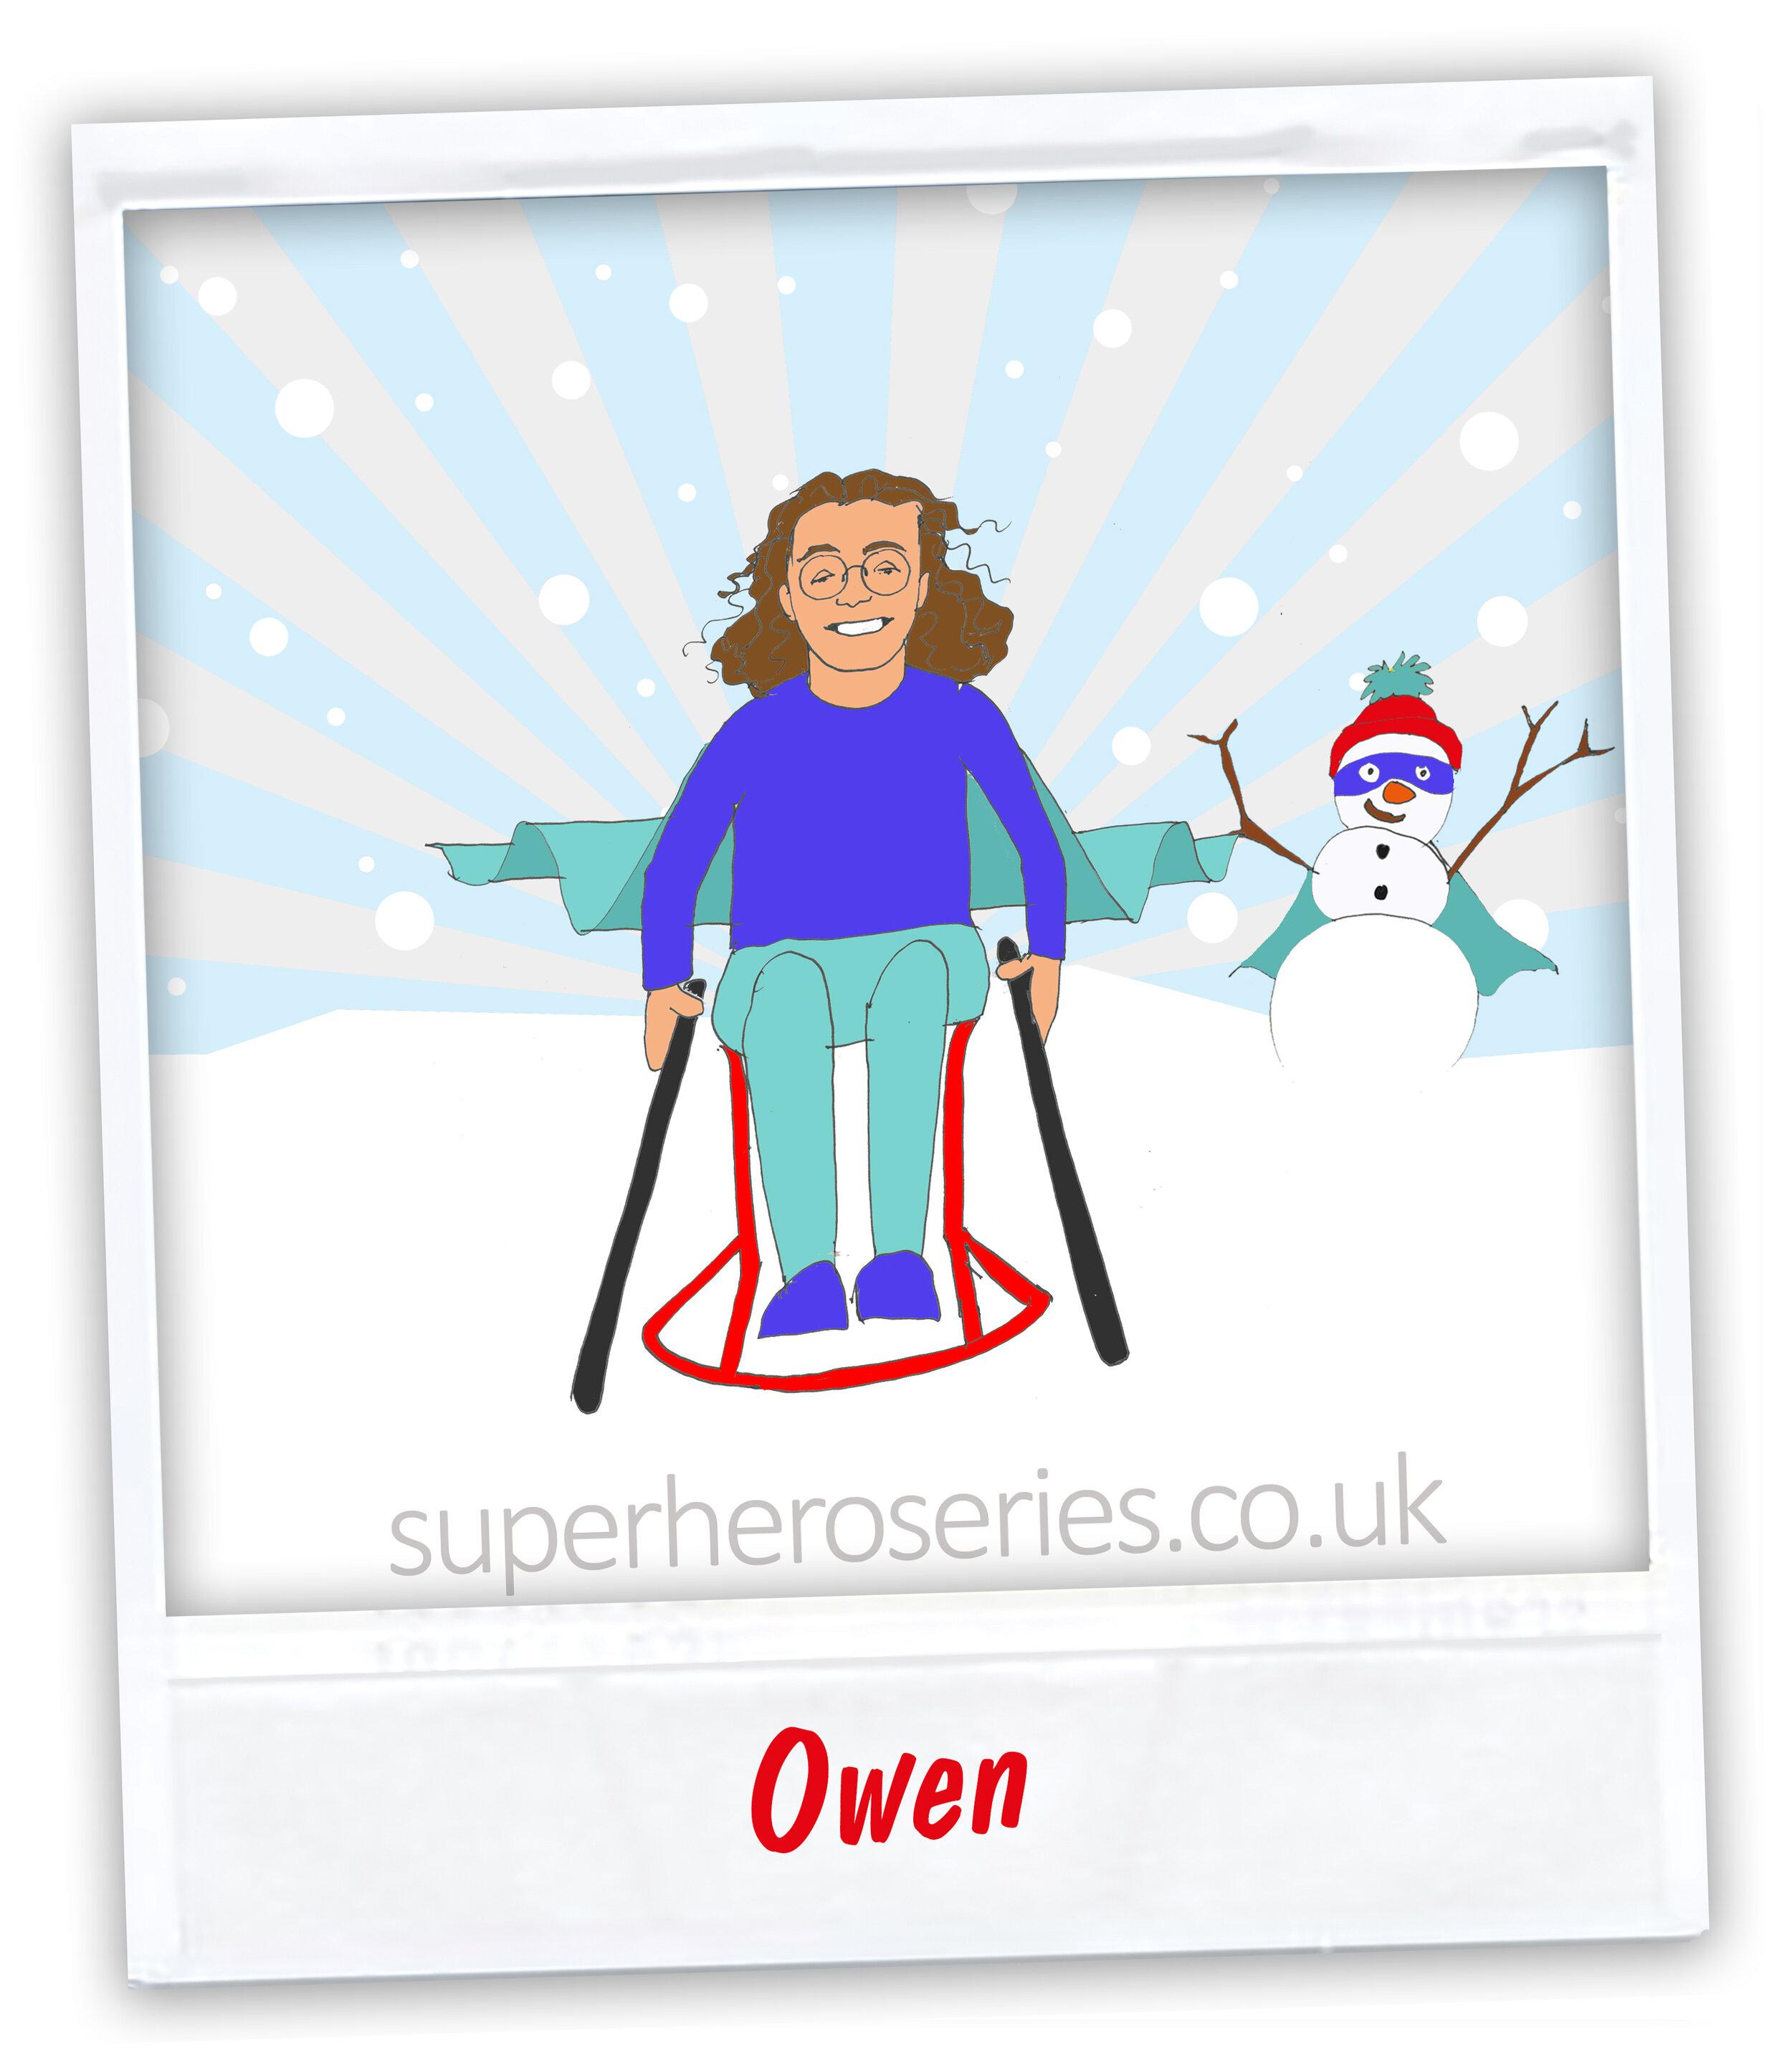 Owen a.jpg